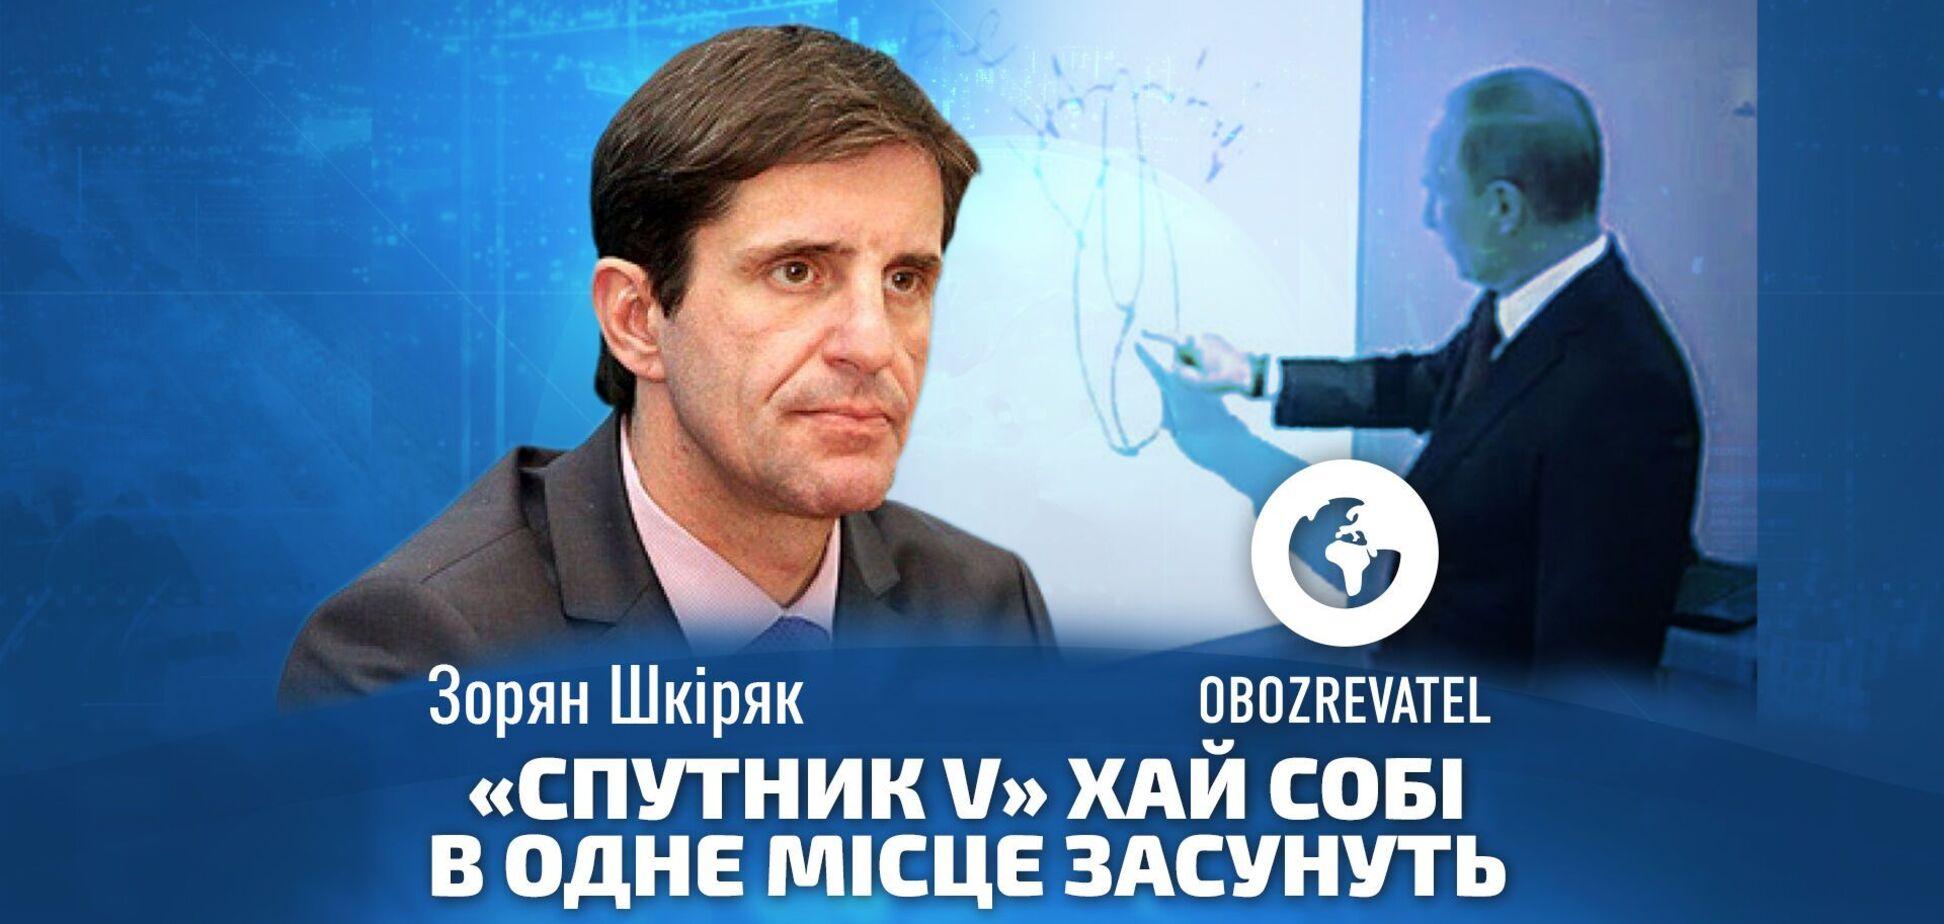 'Спутник V' хай засунуть в одне місце: Шкіряк висловився про російську вакцину